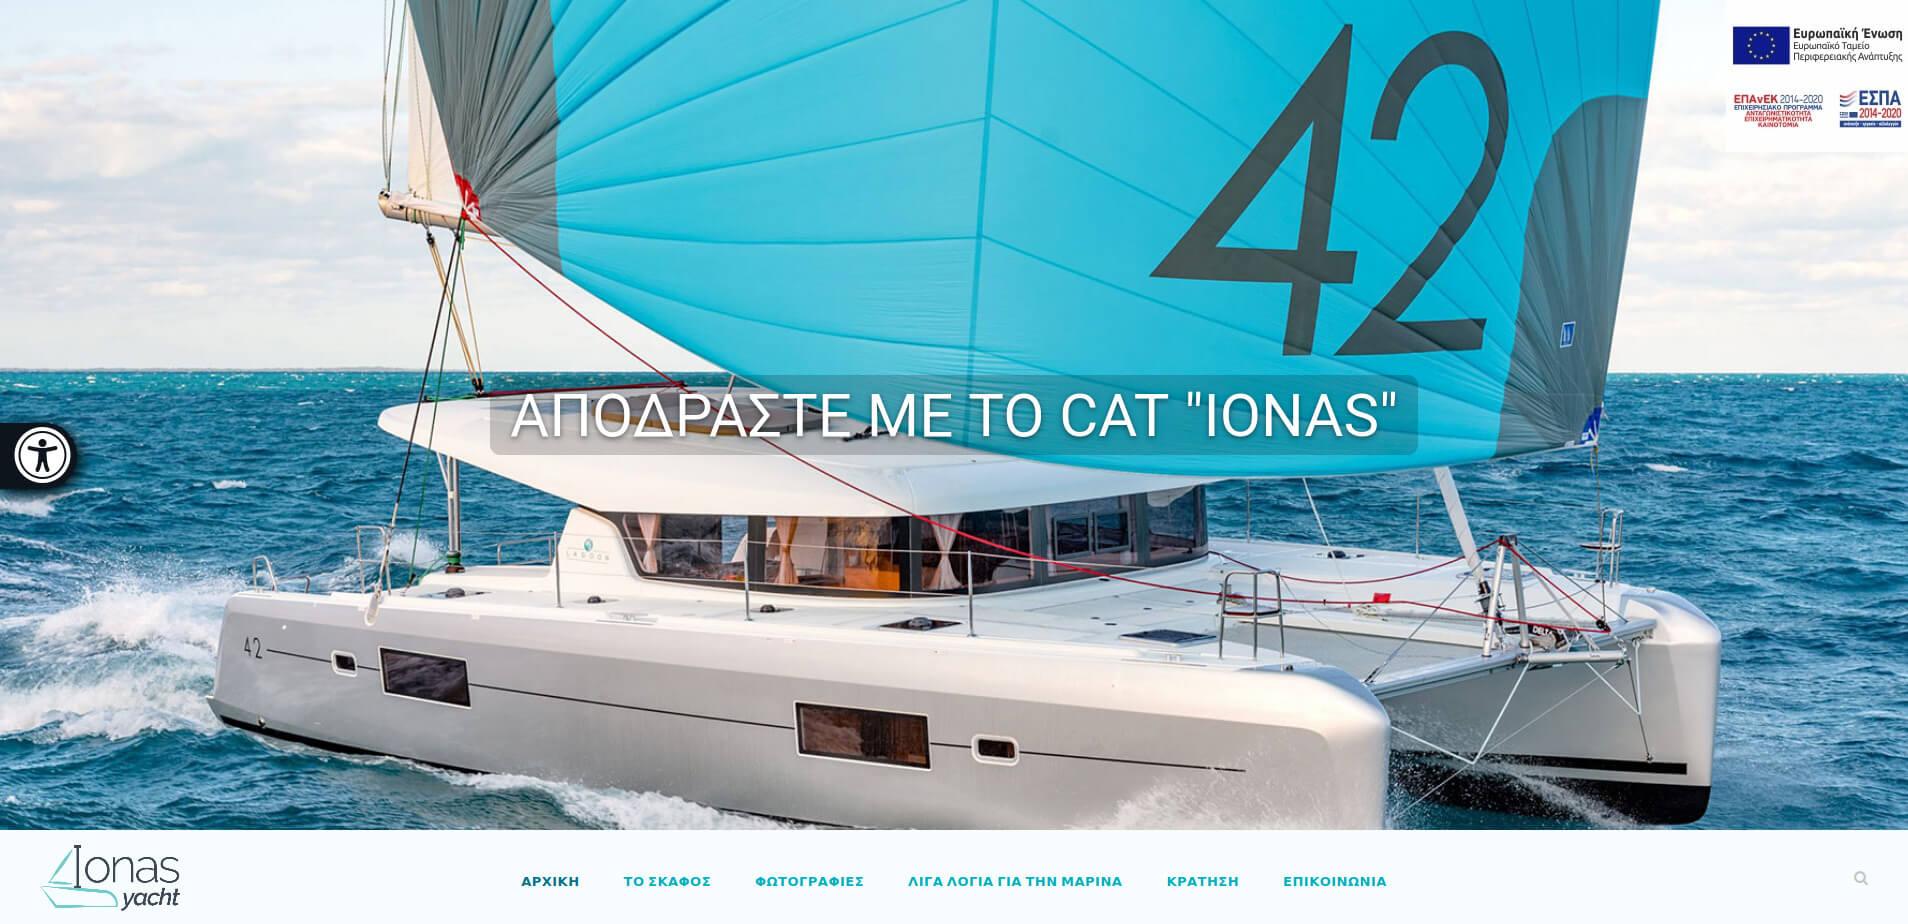 Μπάρα Προσβασιμότητας ΑμεΑ Eucleides - Ιστοσελίδες κατάλληλες για ΑμεΑ σύμφωνα με το πρότυπο WCAG 2.0 - Εγκατάσταση σε όλες τις πλατφόρμες ιστοτόπων - ionas-yacht.gr Ιστιοφόρο ionasyacht